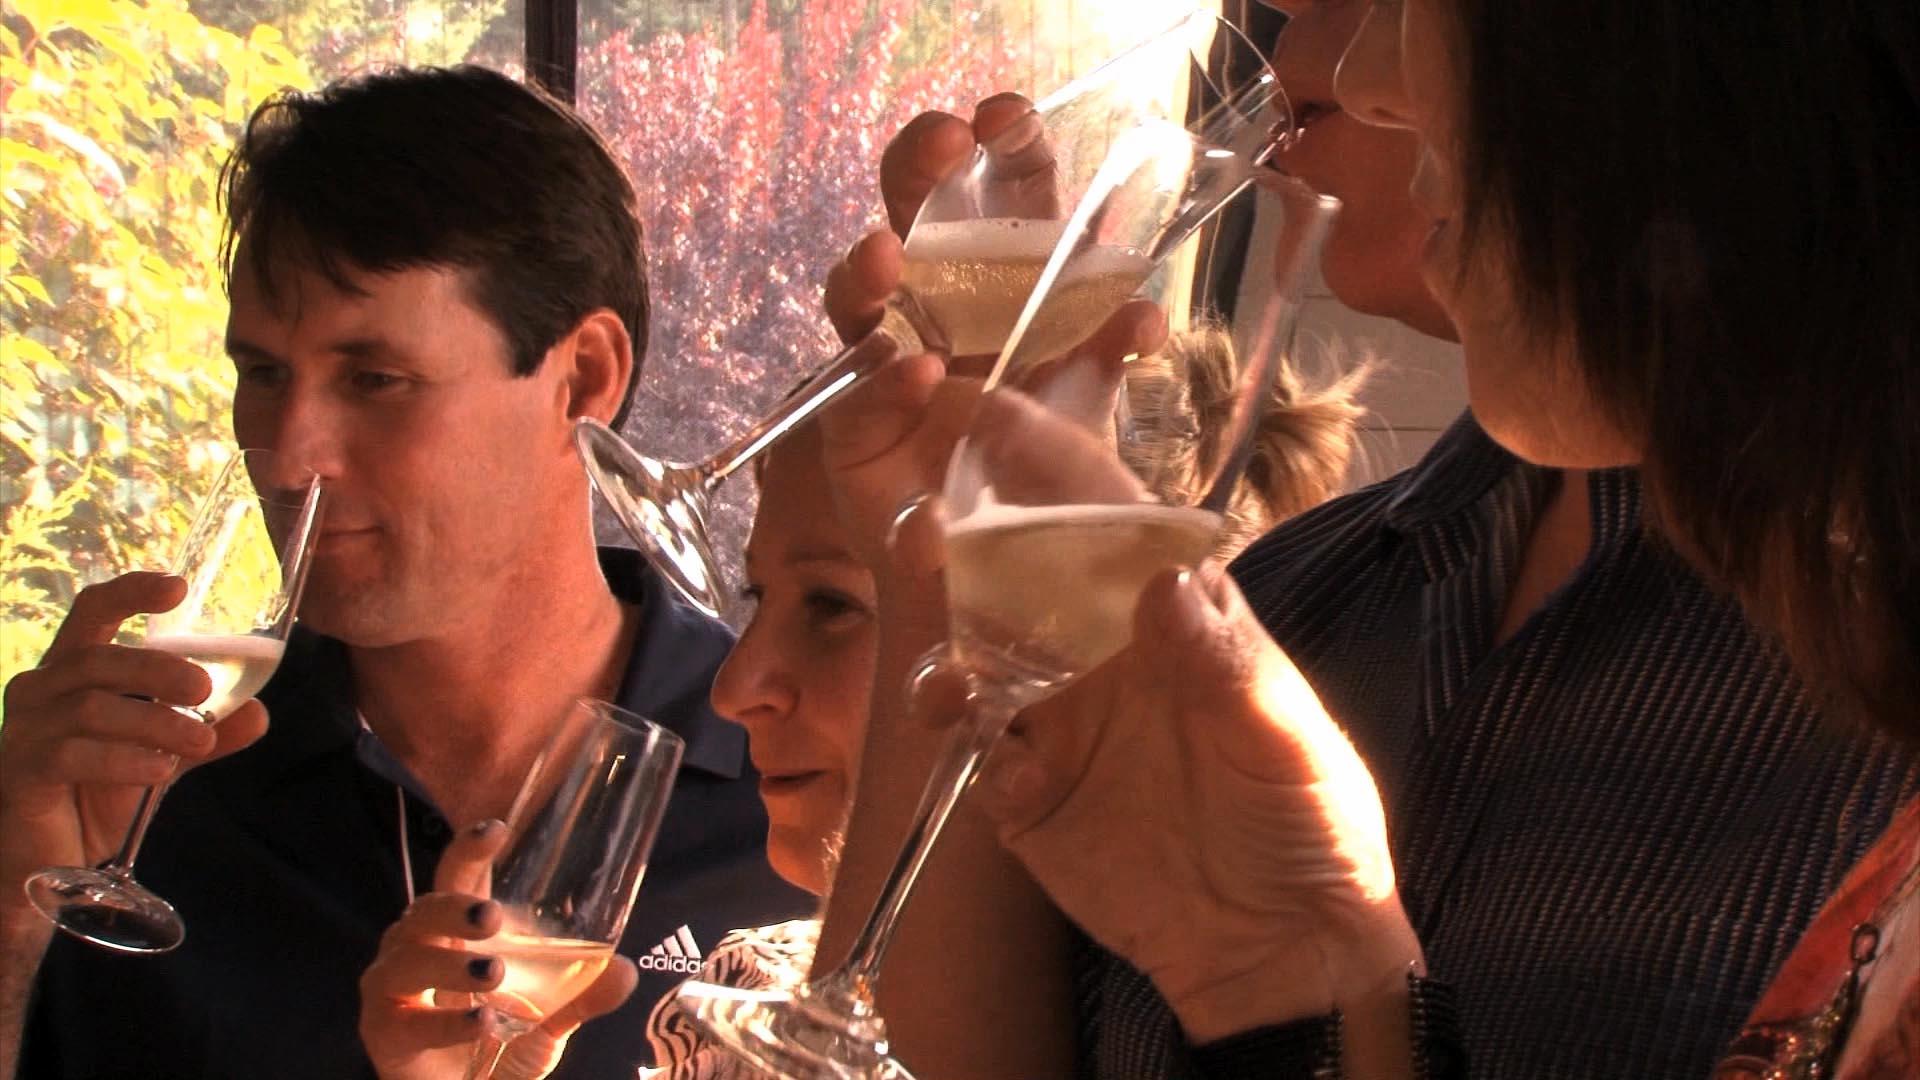 Wine tasting on Vancouver Island